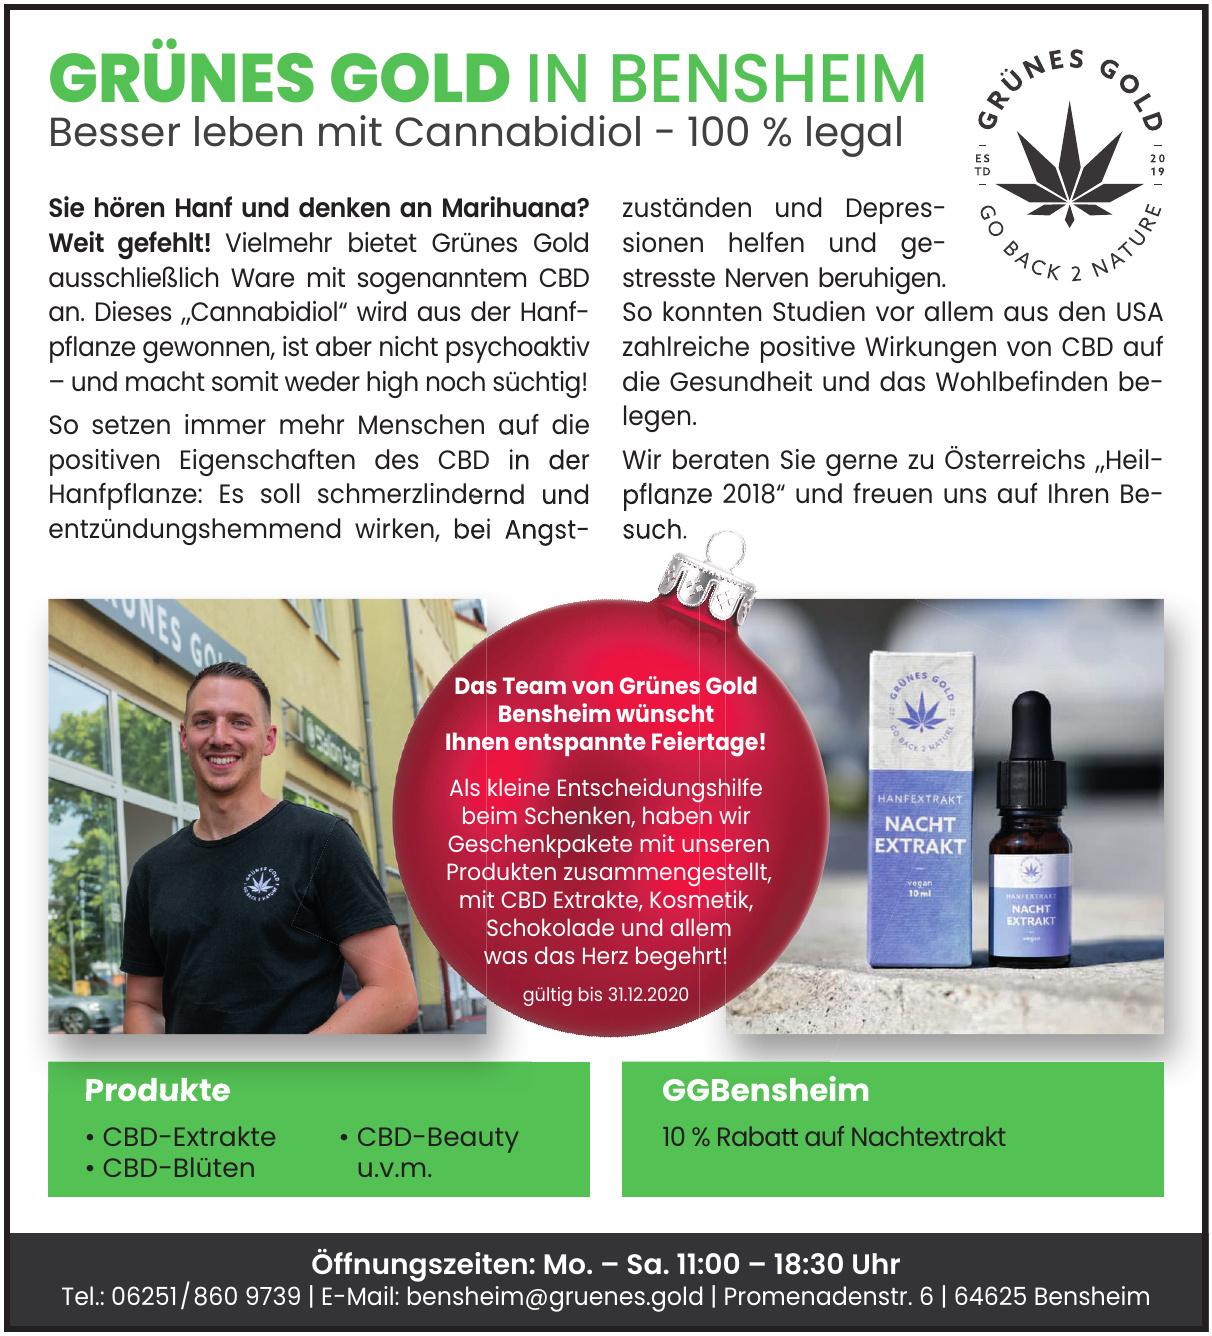 Grünes Gold Bensheim